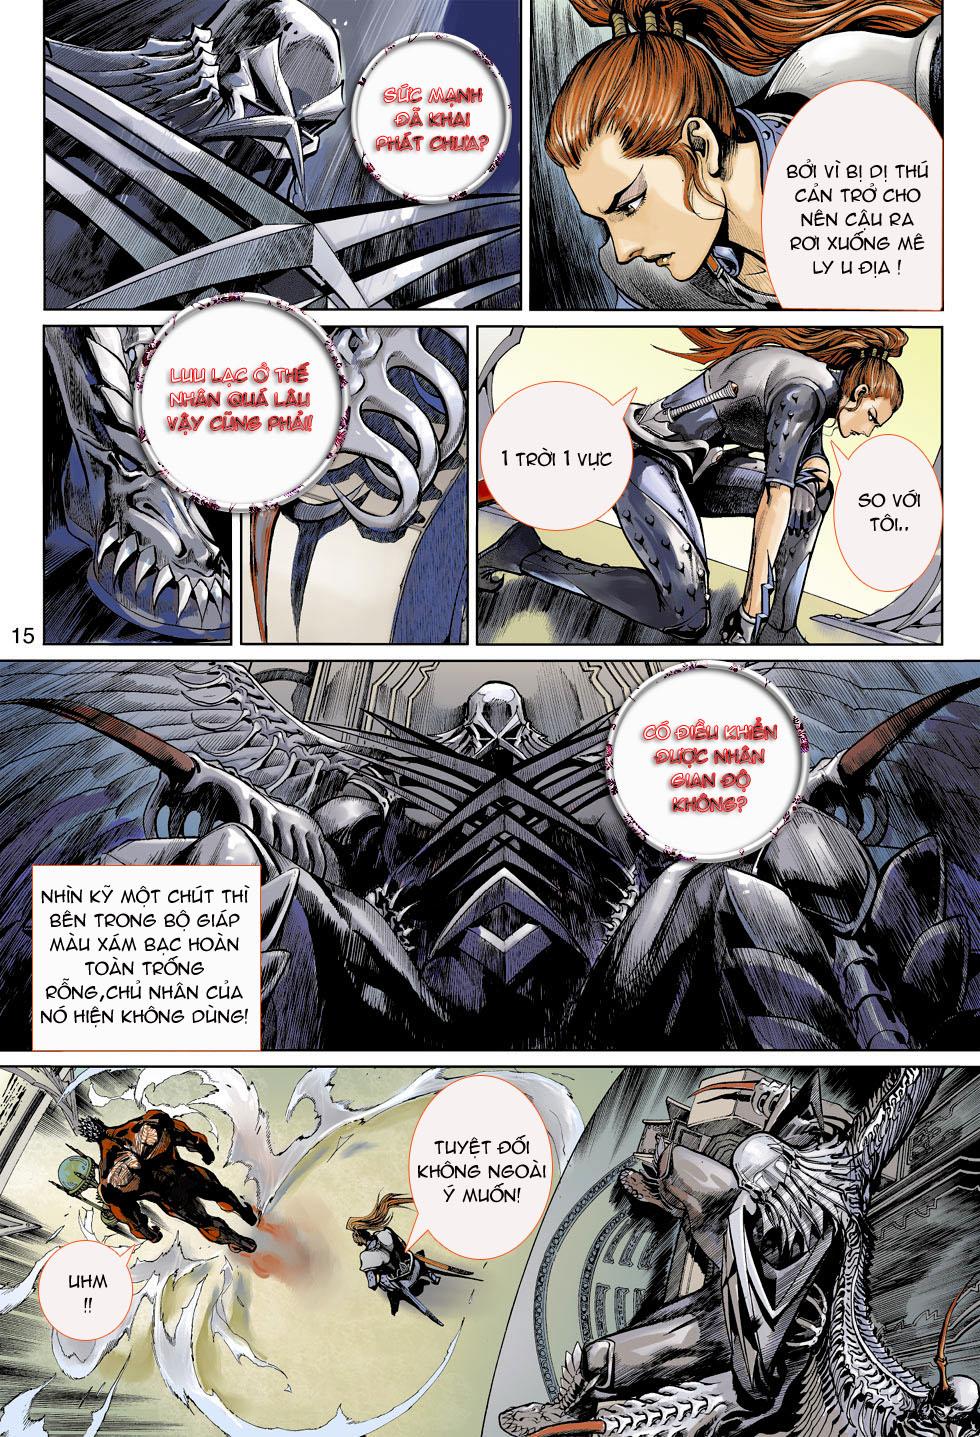 Thần Binh 4 chap 4 - Trang 15